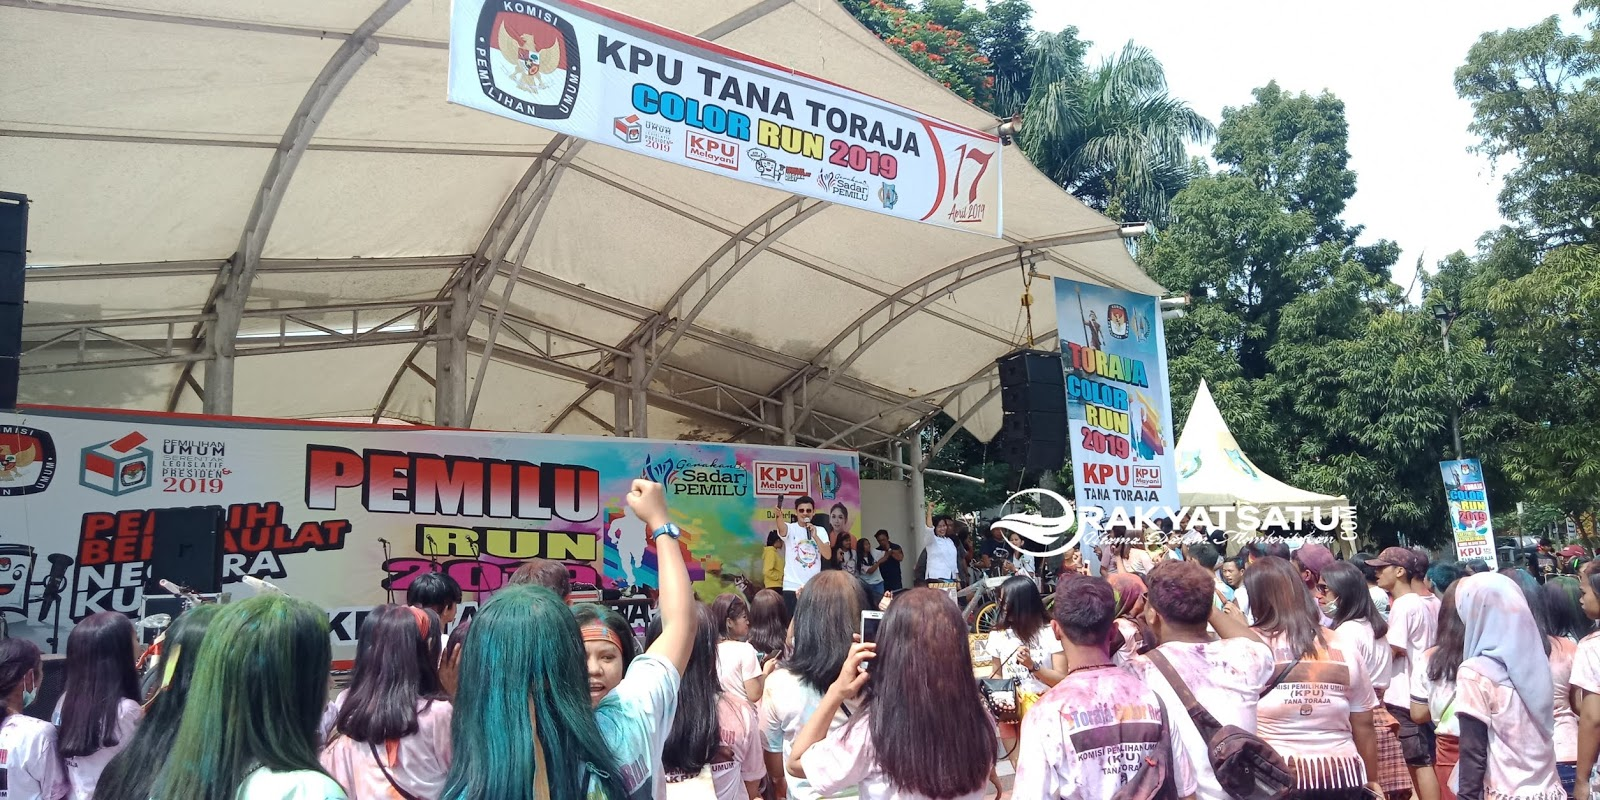 Ribuan Pemilih Milenial Ramaikan Color Run KPU Tana Toraja